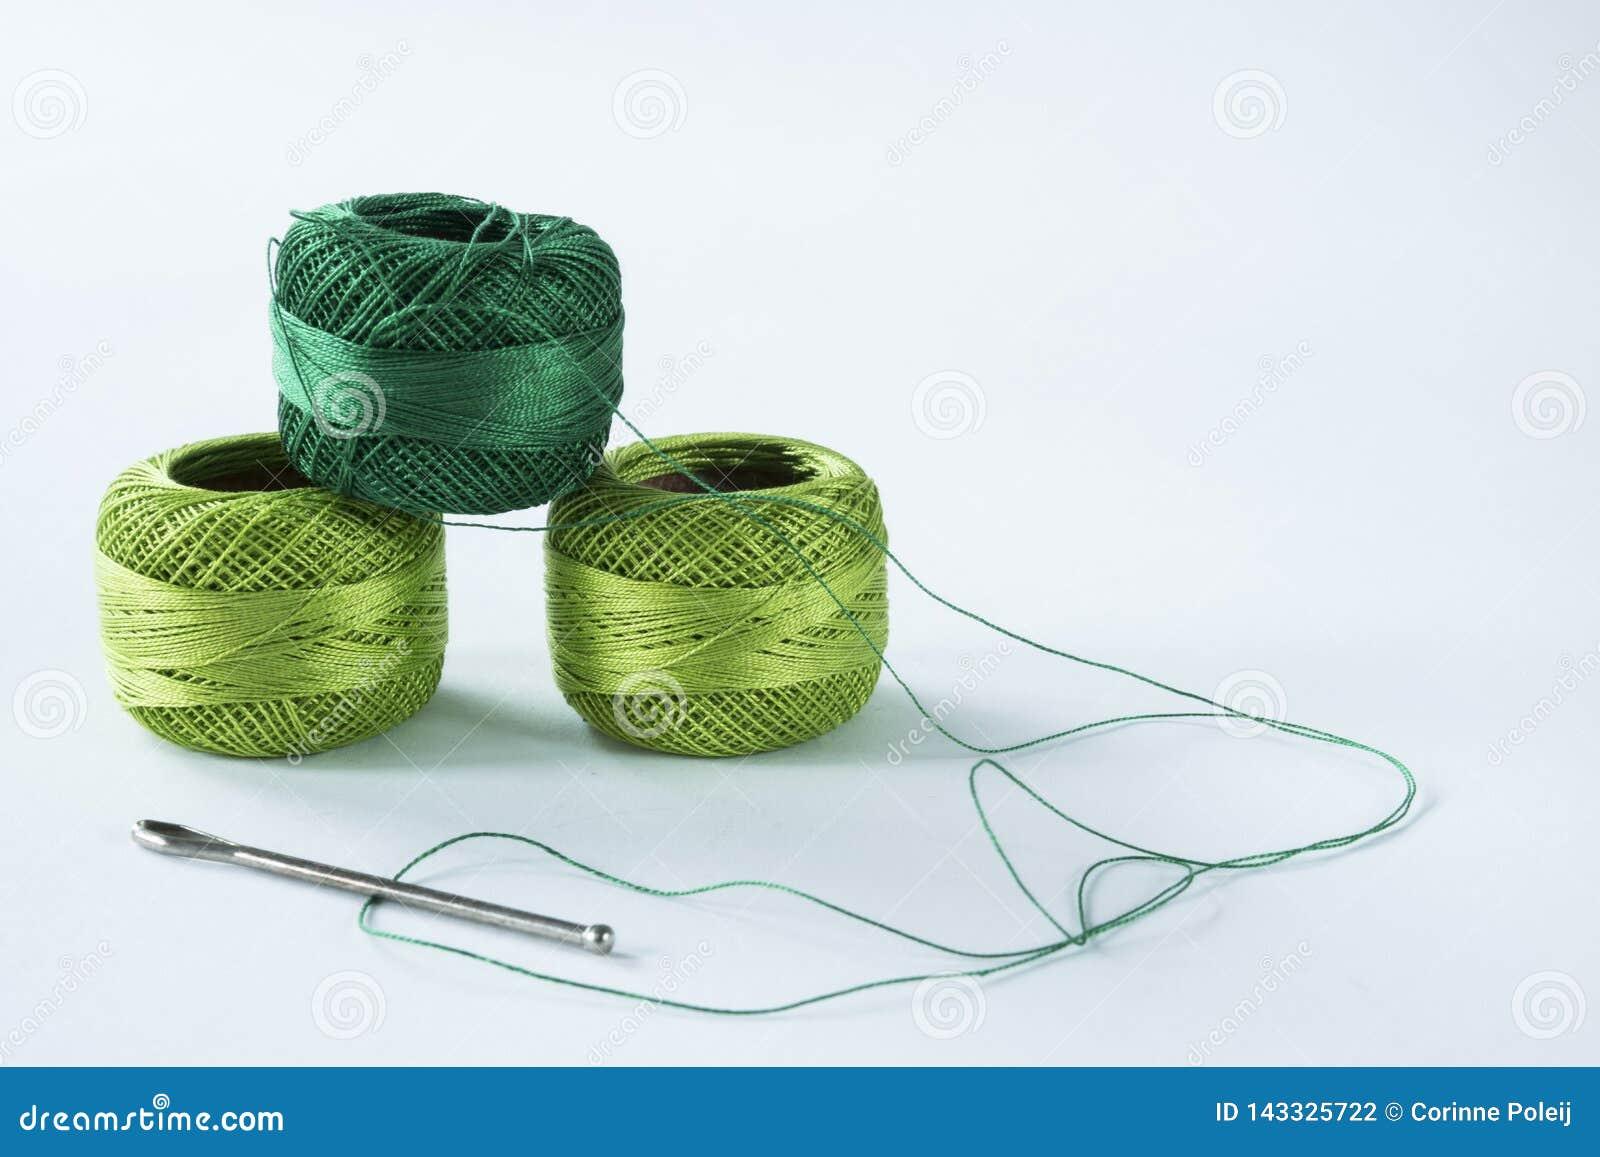 https://thumbs.dreamstime.com/z/fil-vert-de-crochet-avec-les-ciseaux-et-l-aiguille-fond-blanc-%C3%A9troitement-vers-le-haut-trois-boules-tricotez-en-m%C3%A9tal-sur-la-143325722.jpg